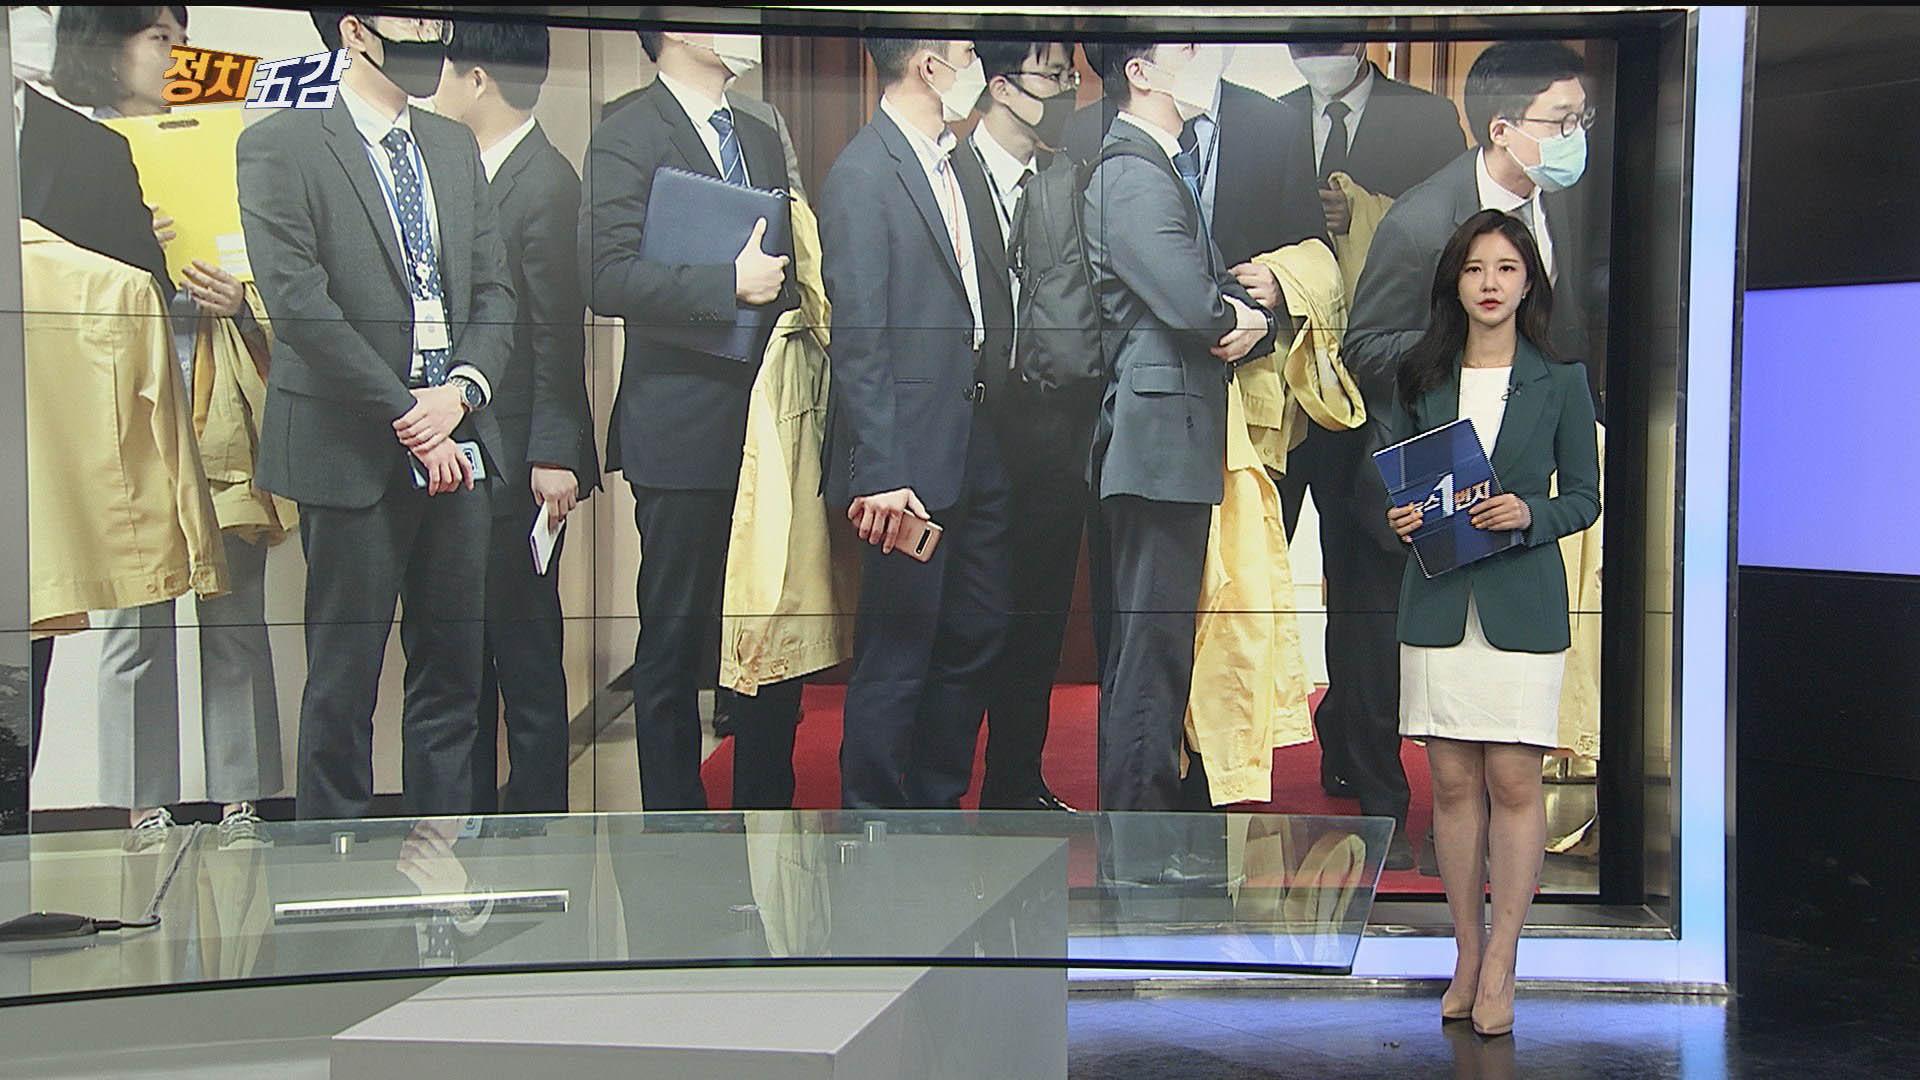 [정치五감] 중대본 회의 준비하며…민방위복 들고 있는 보좌진 外